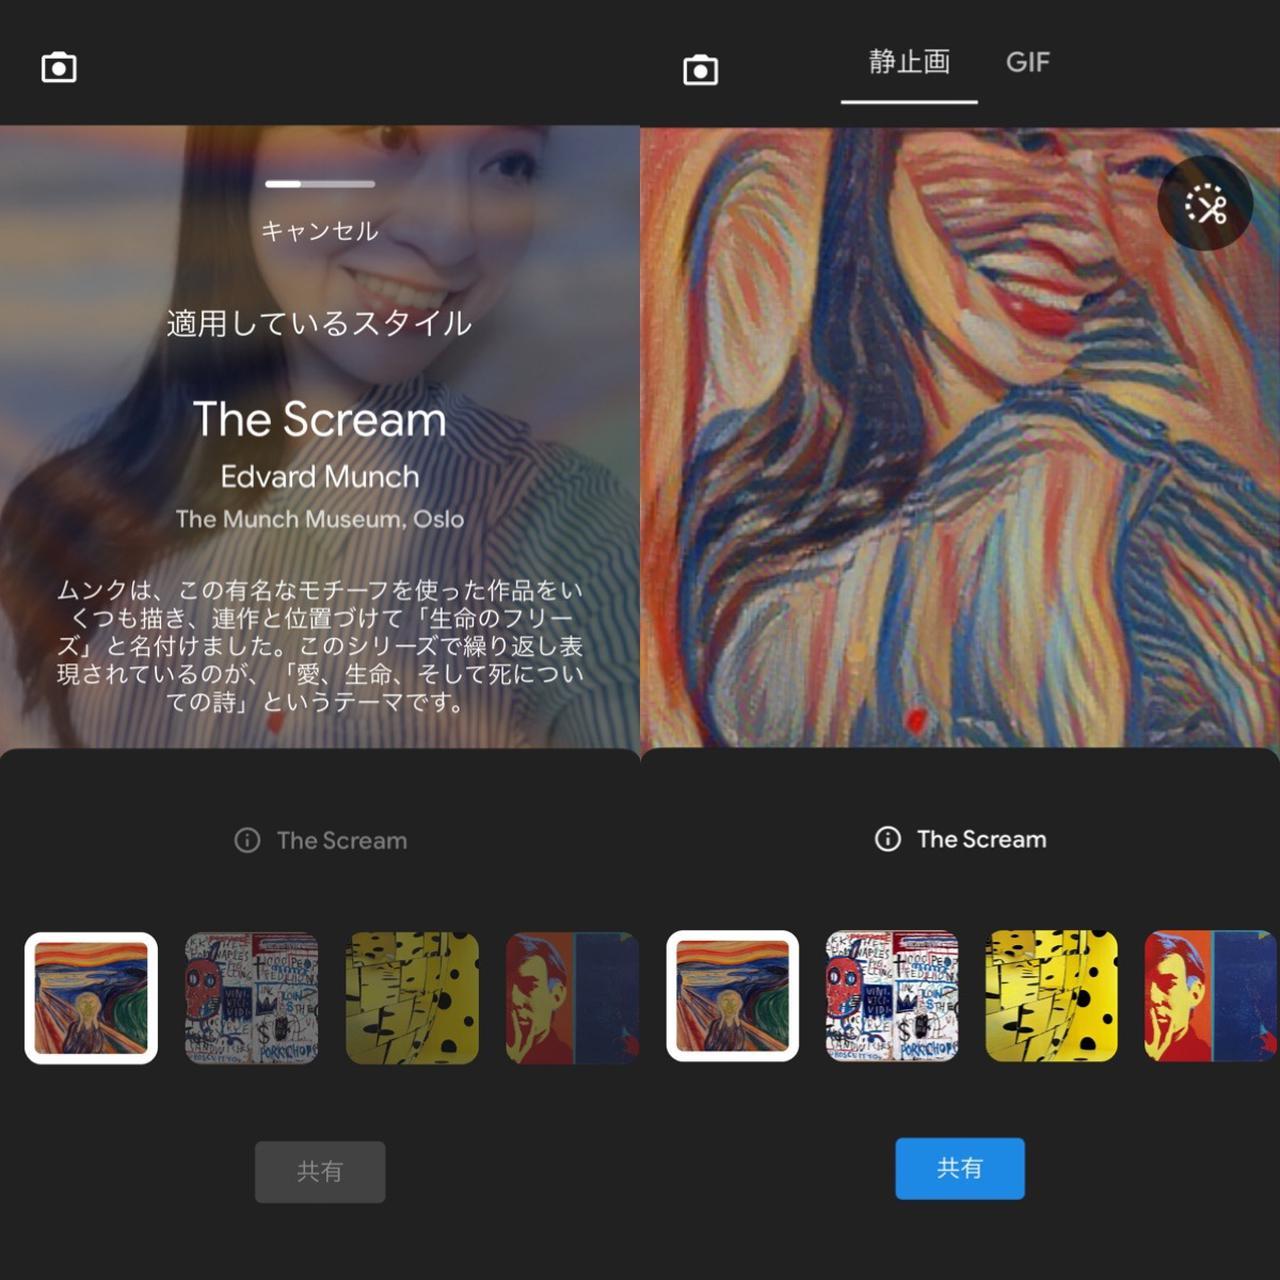 画像2: ARや絵画風加工、似ている作品探しとカメラを使ったおもしろ機能も。